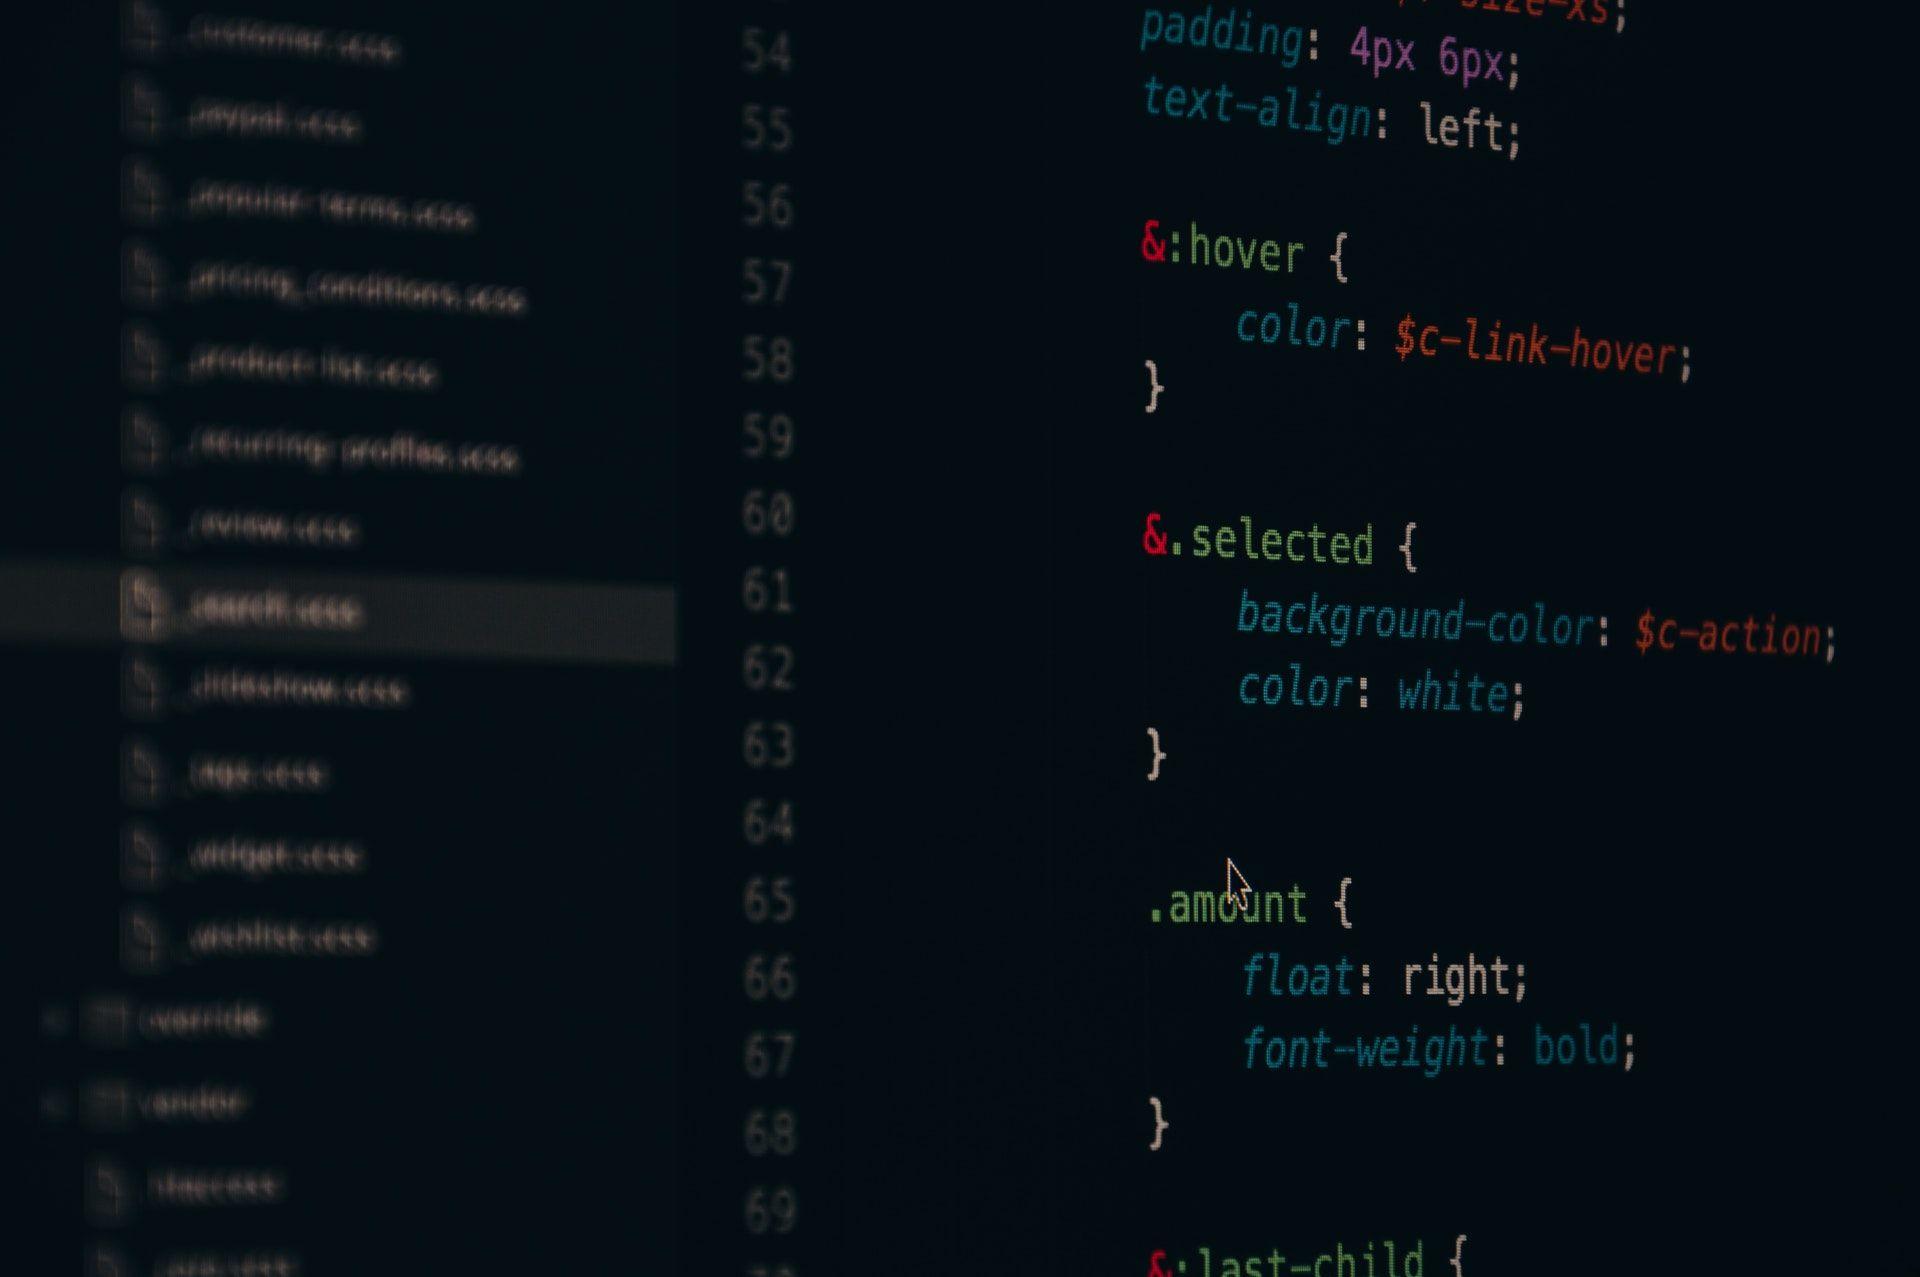 عکس زمینه کد های برنامه نویسی پس زمینه